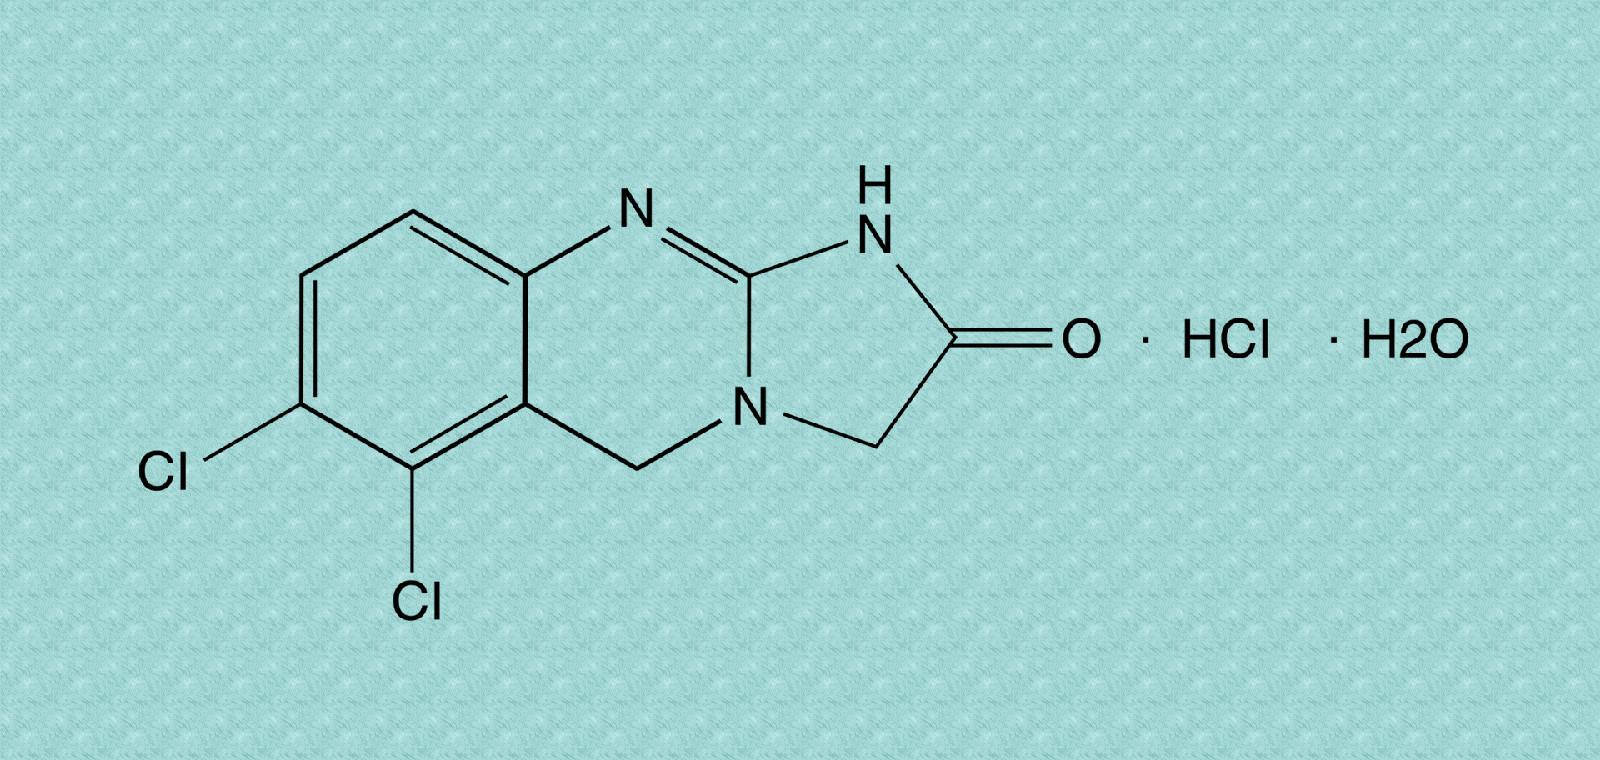 盐酸阿那格雷分子式02.jpg